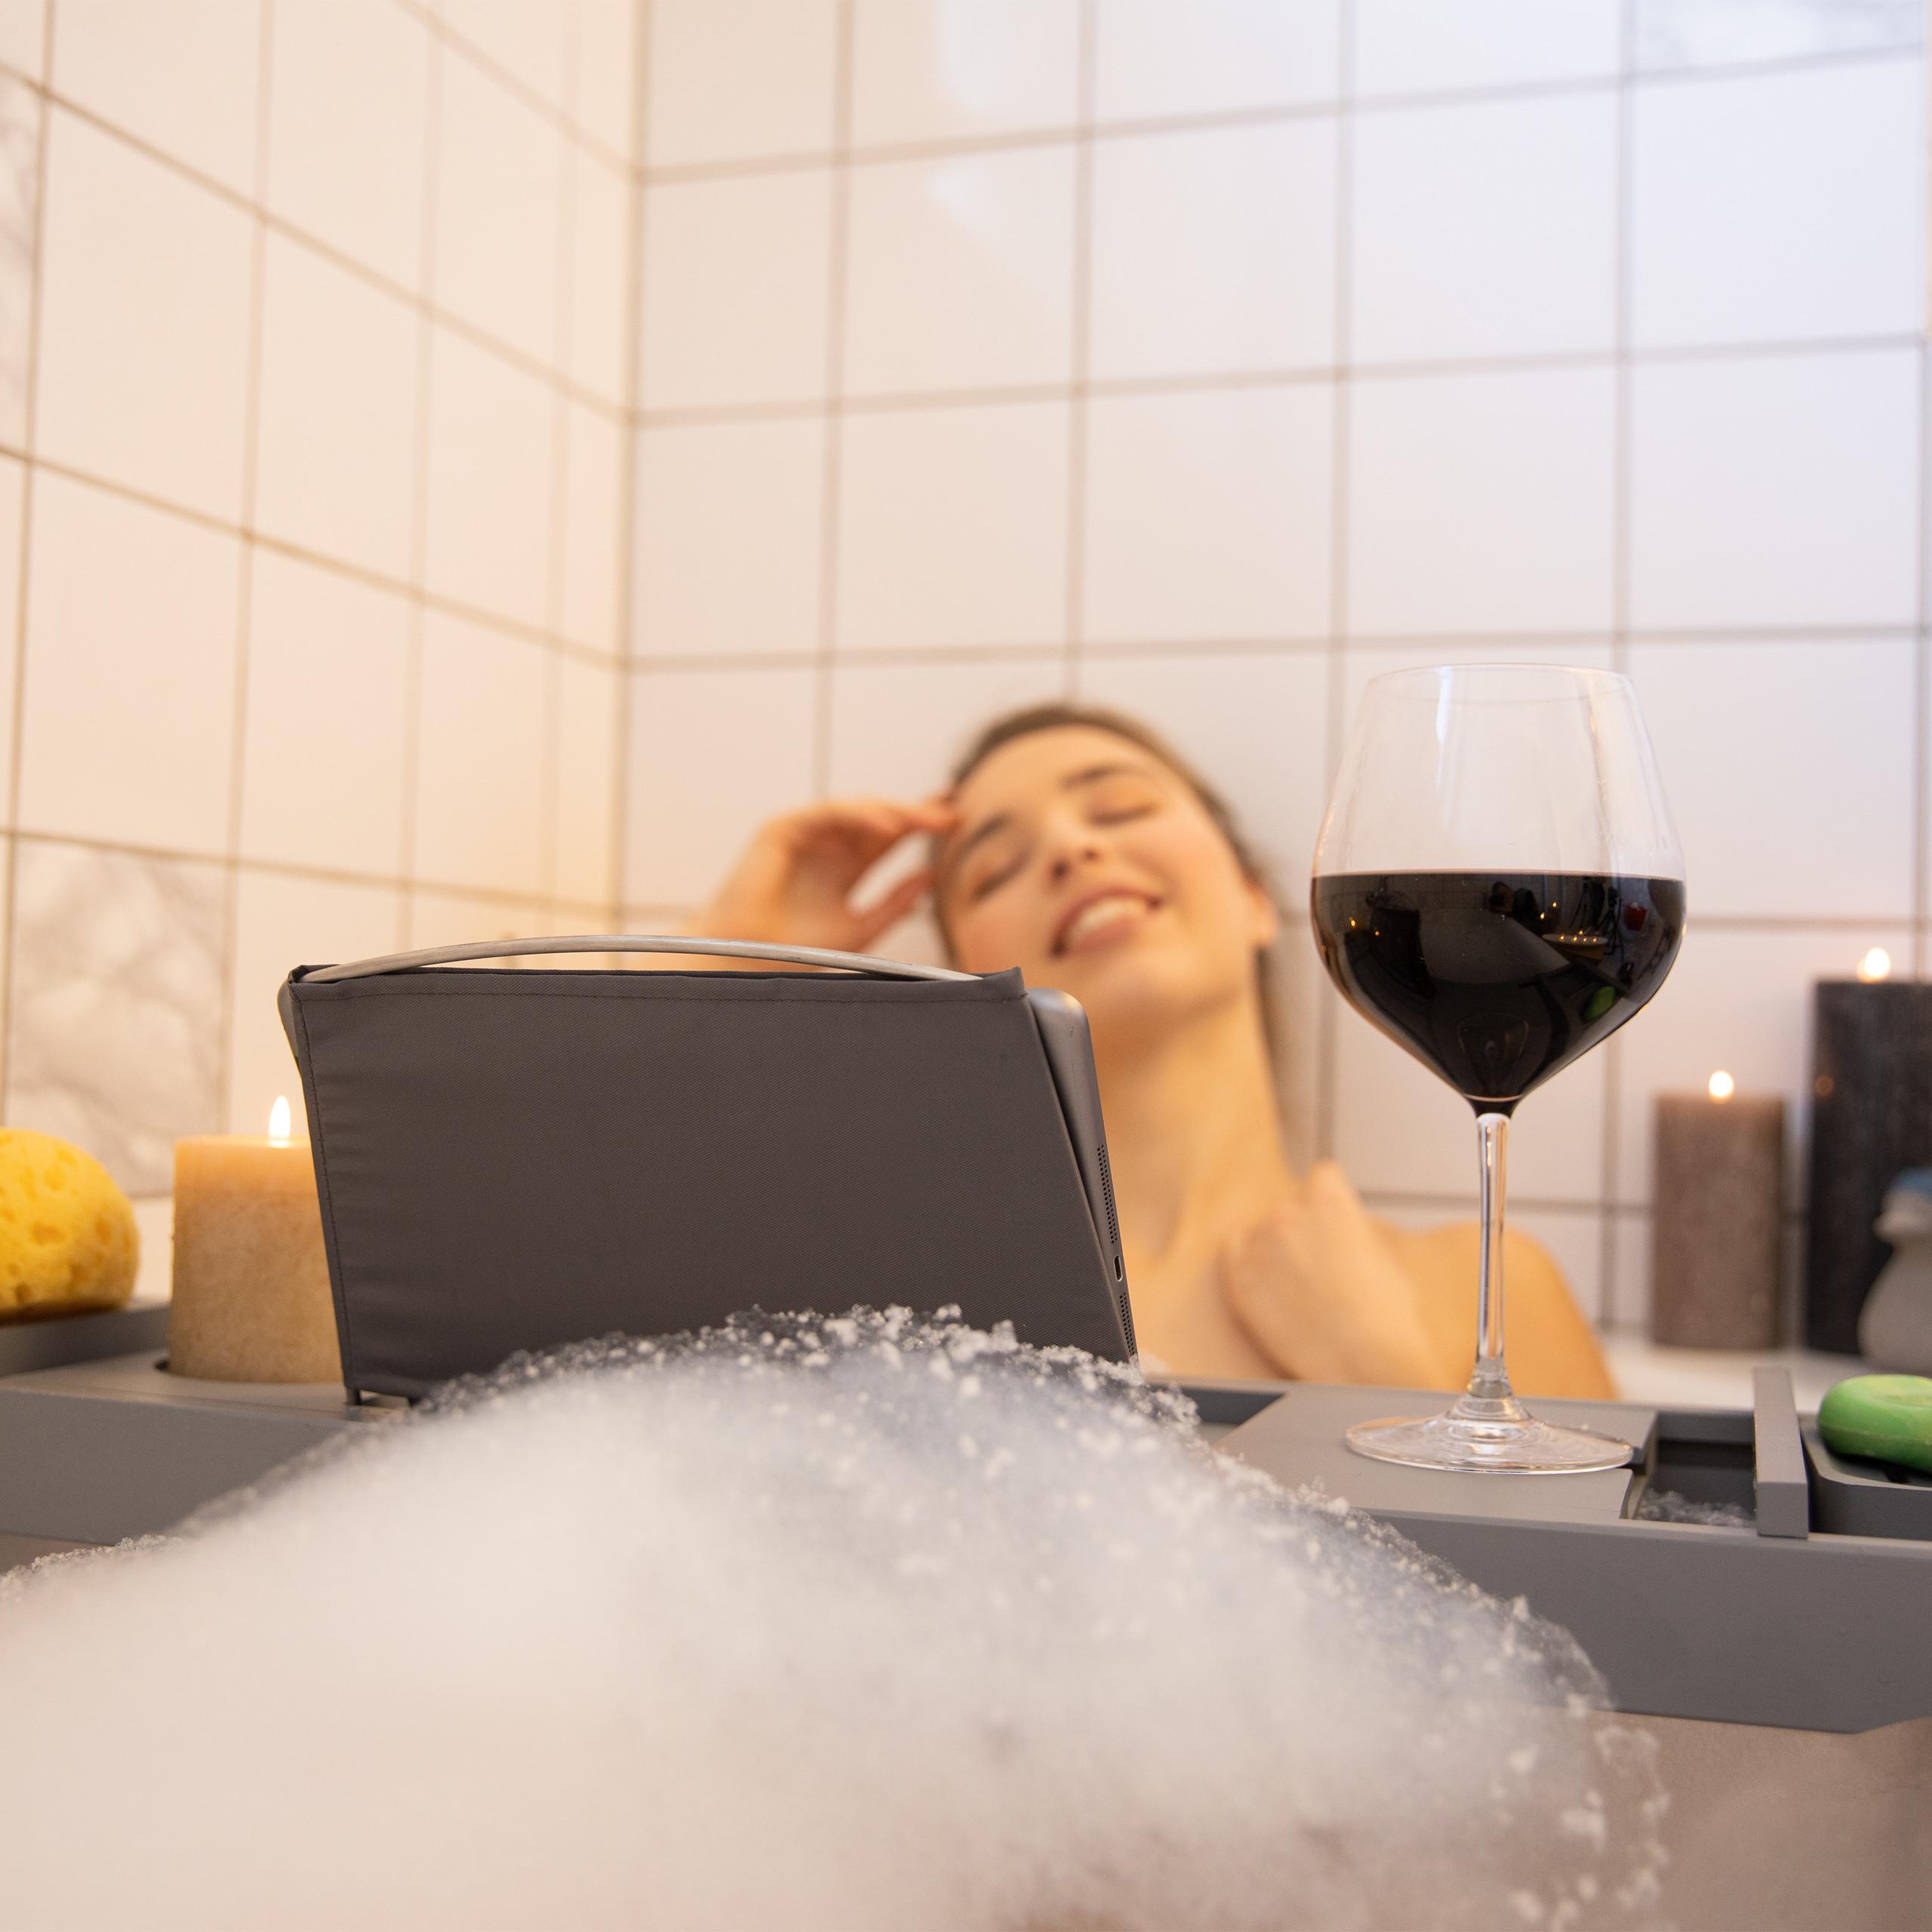 Badewannenablage grau Badewannenaufsatz Buchstütze Bad Caddy Badewannenbrett